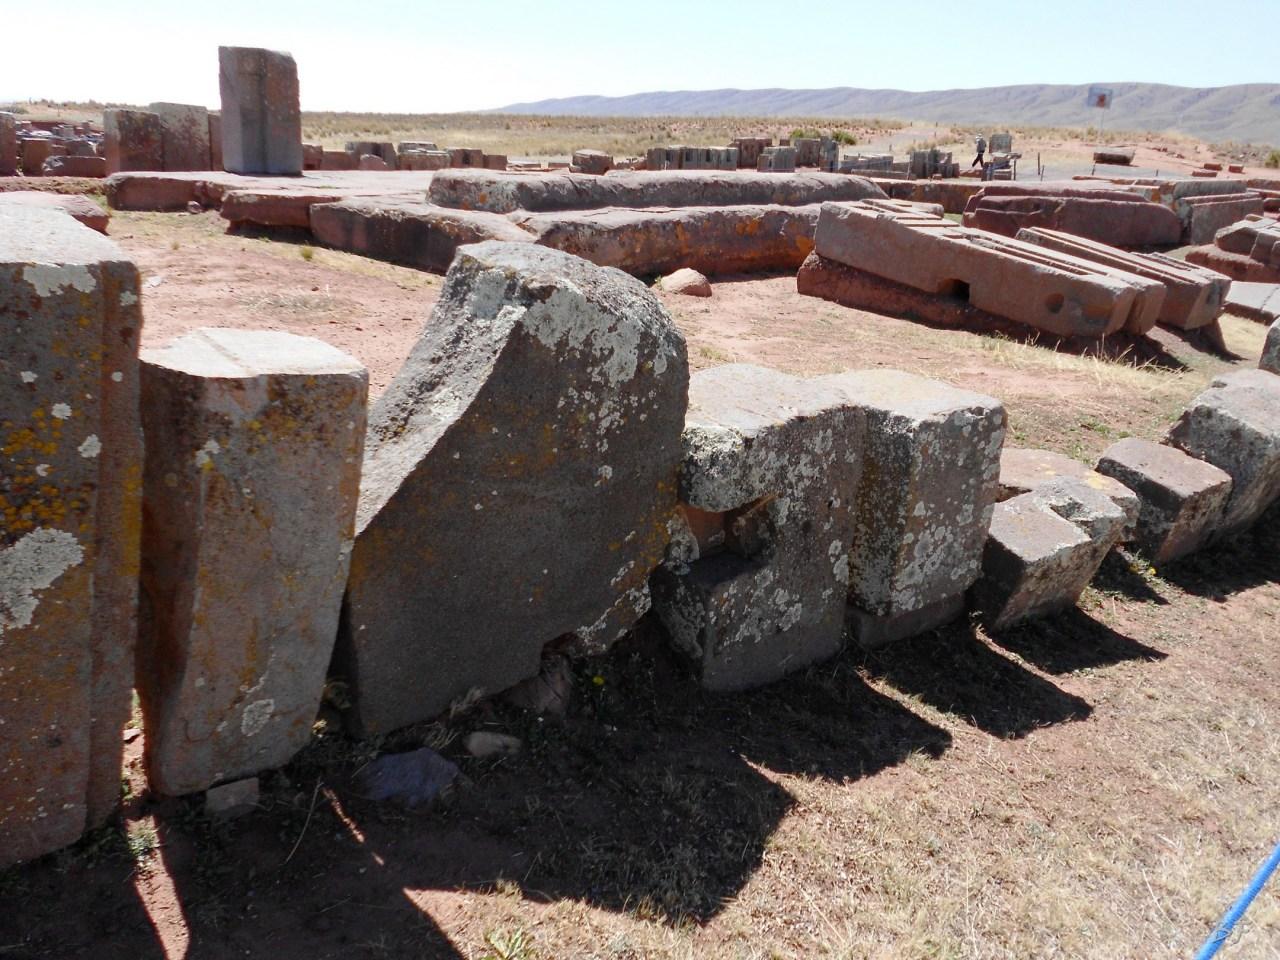 Puma-Punku-Area-Megalitica-Mura-Poligonali-Megaliti-Tiwanaku-Tiahuanaco-Bolivia-39